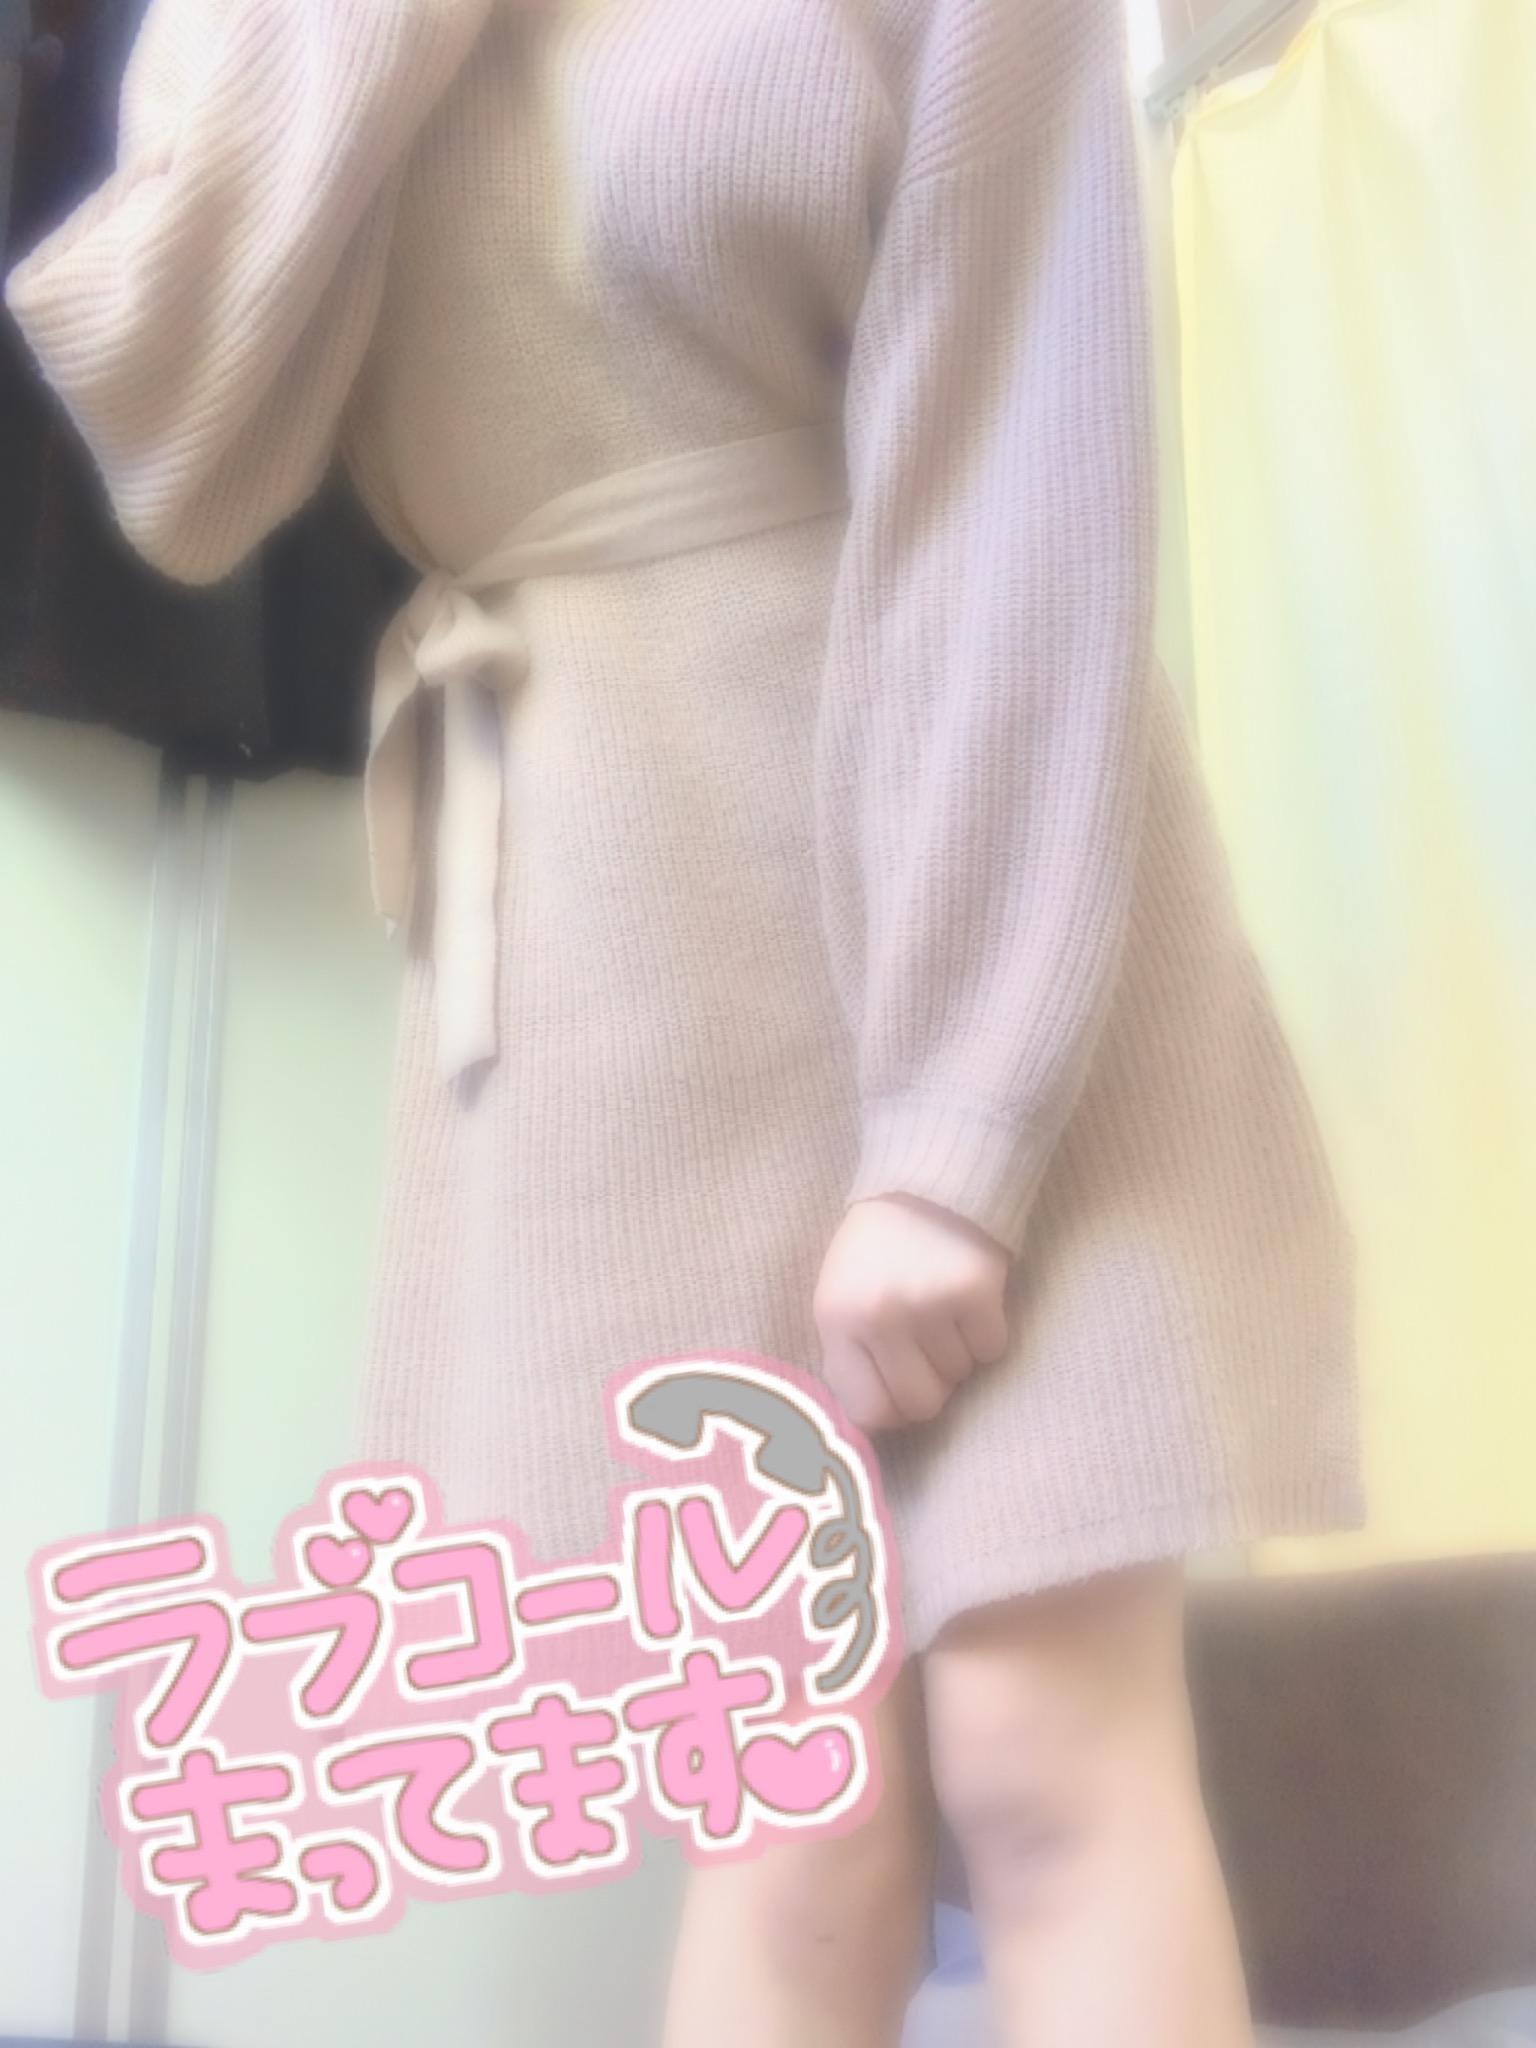 「☆ありがとうと予定☆」02/24(02/24) 11:15 | くるみの写メ・風俗動画